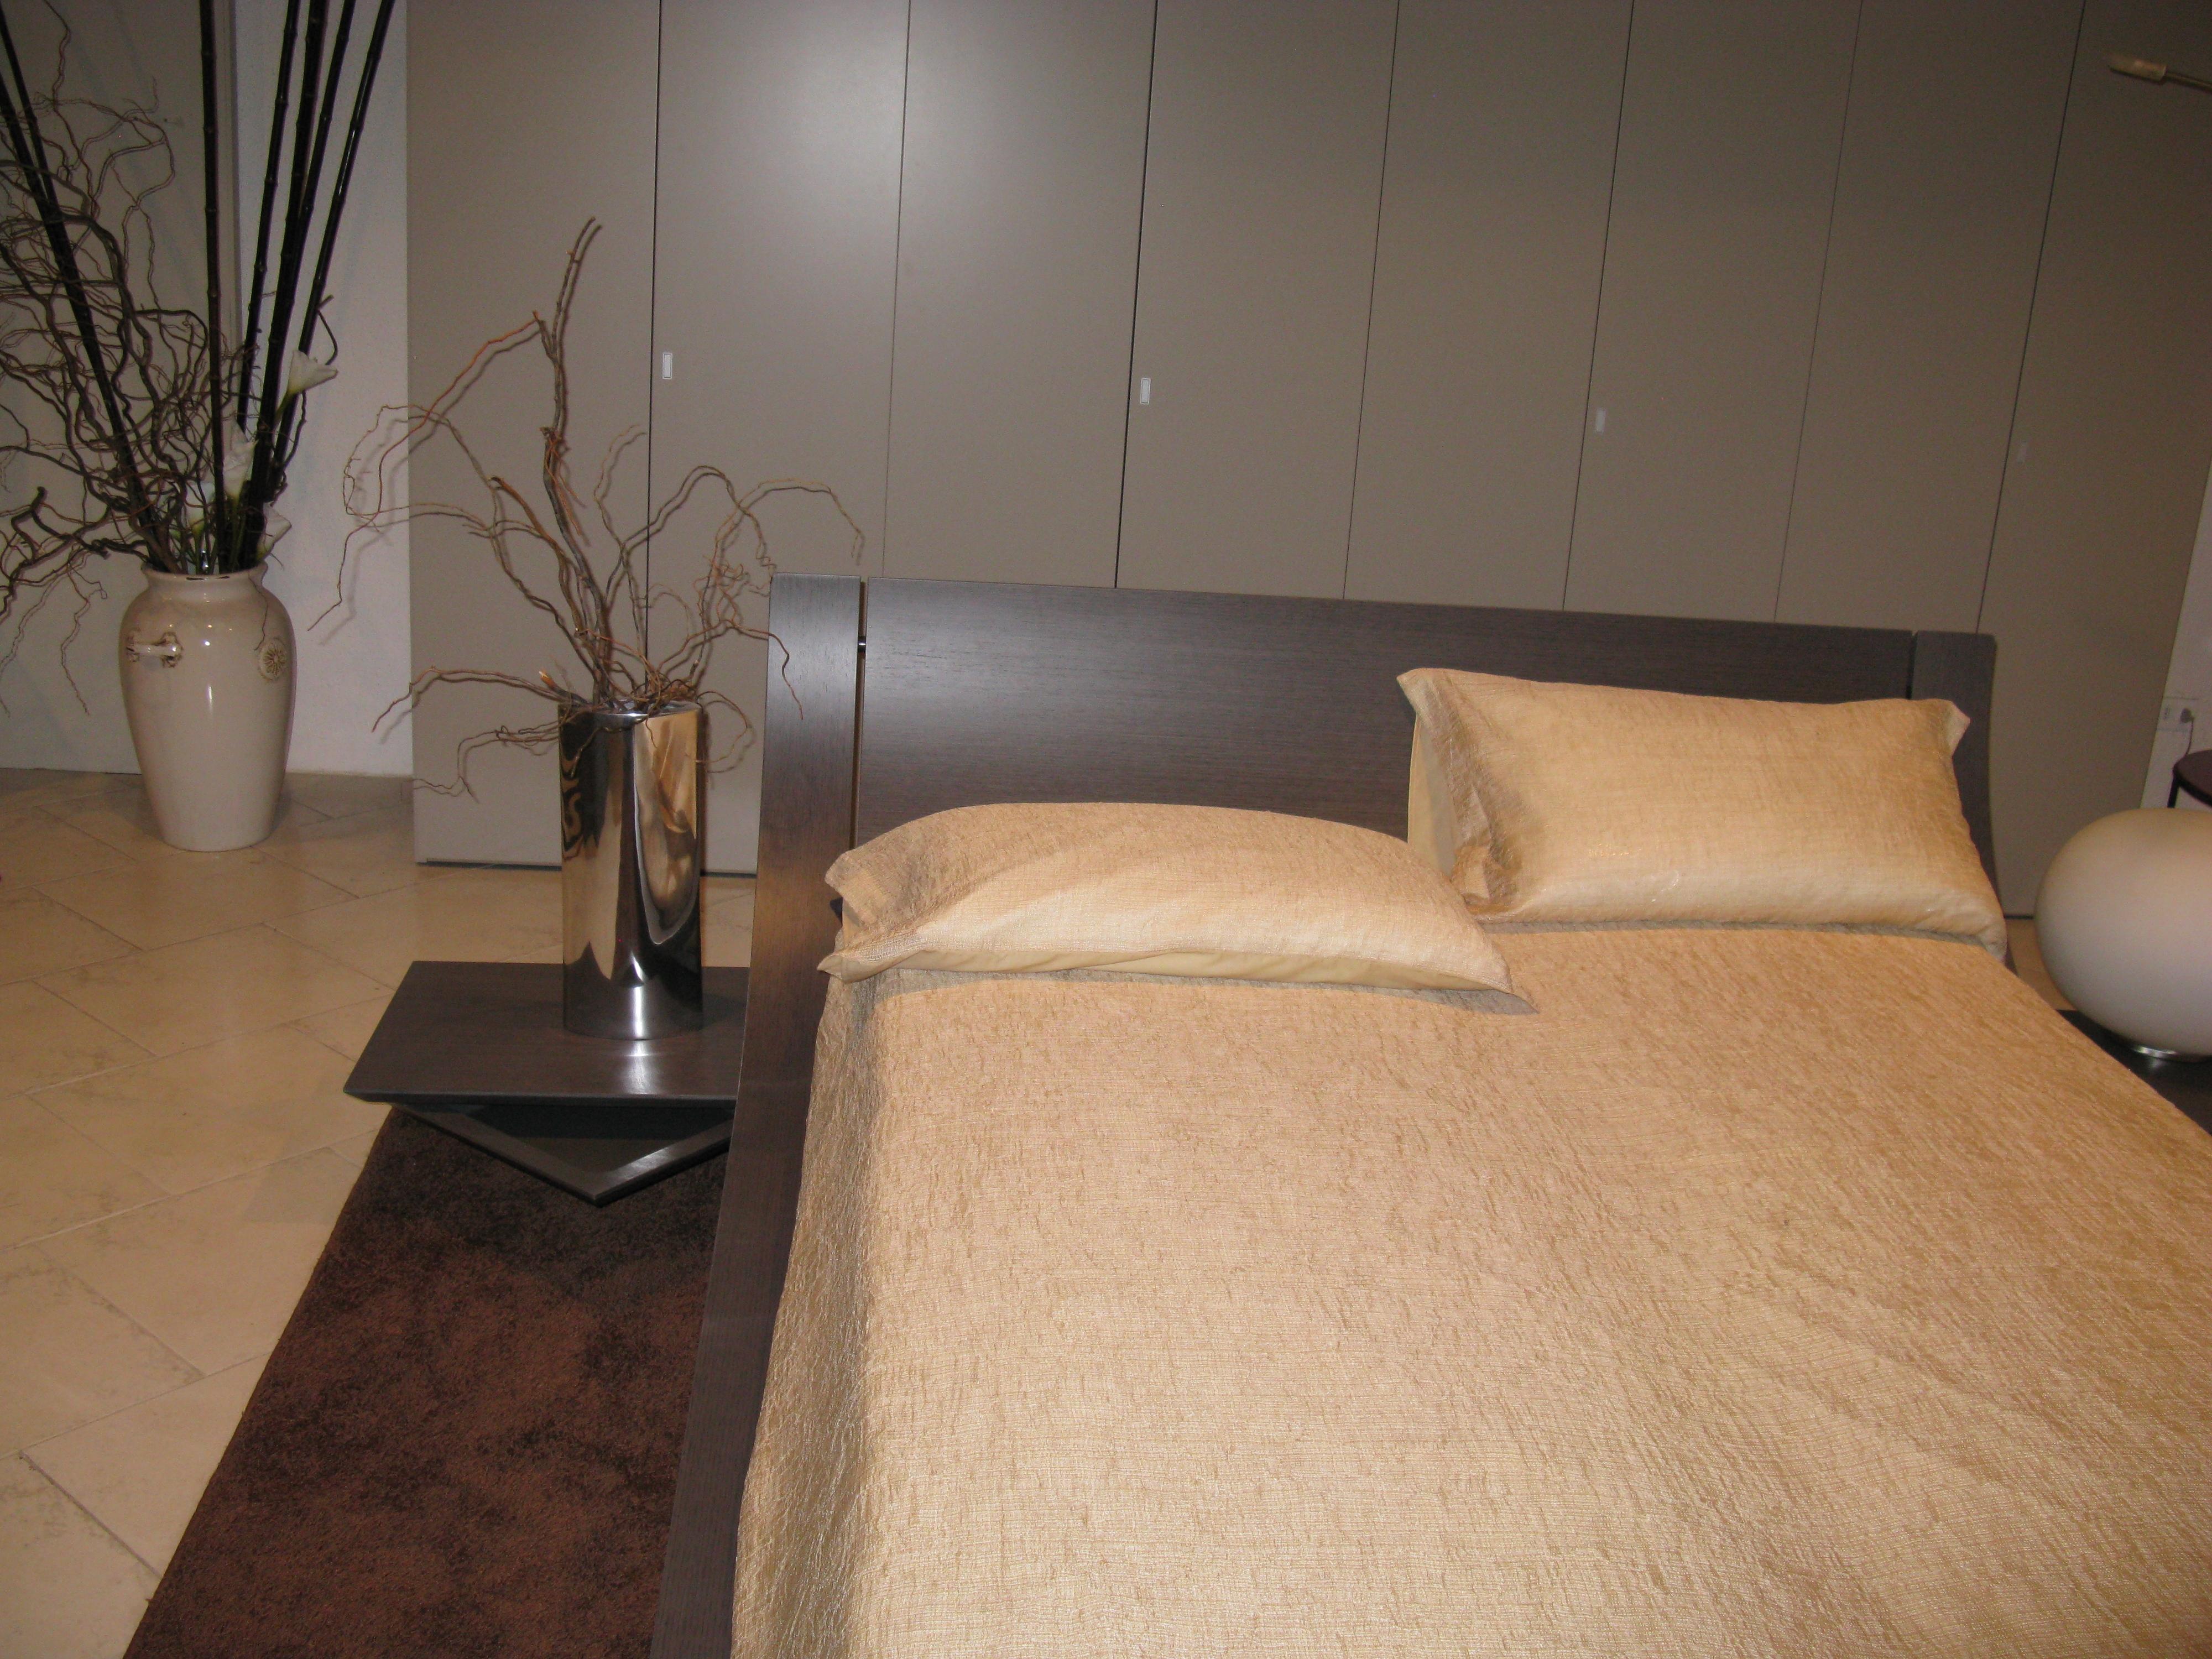 Presotto letto aqua letti a prezzi scontati for Presotto mobili prezzi